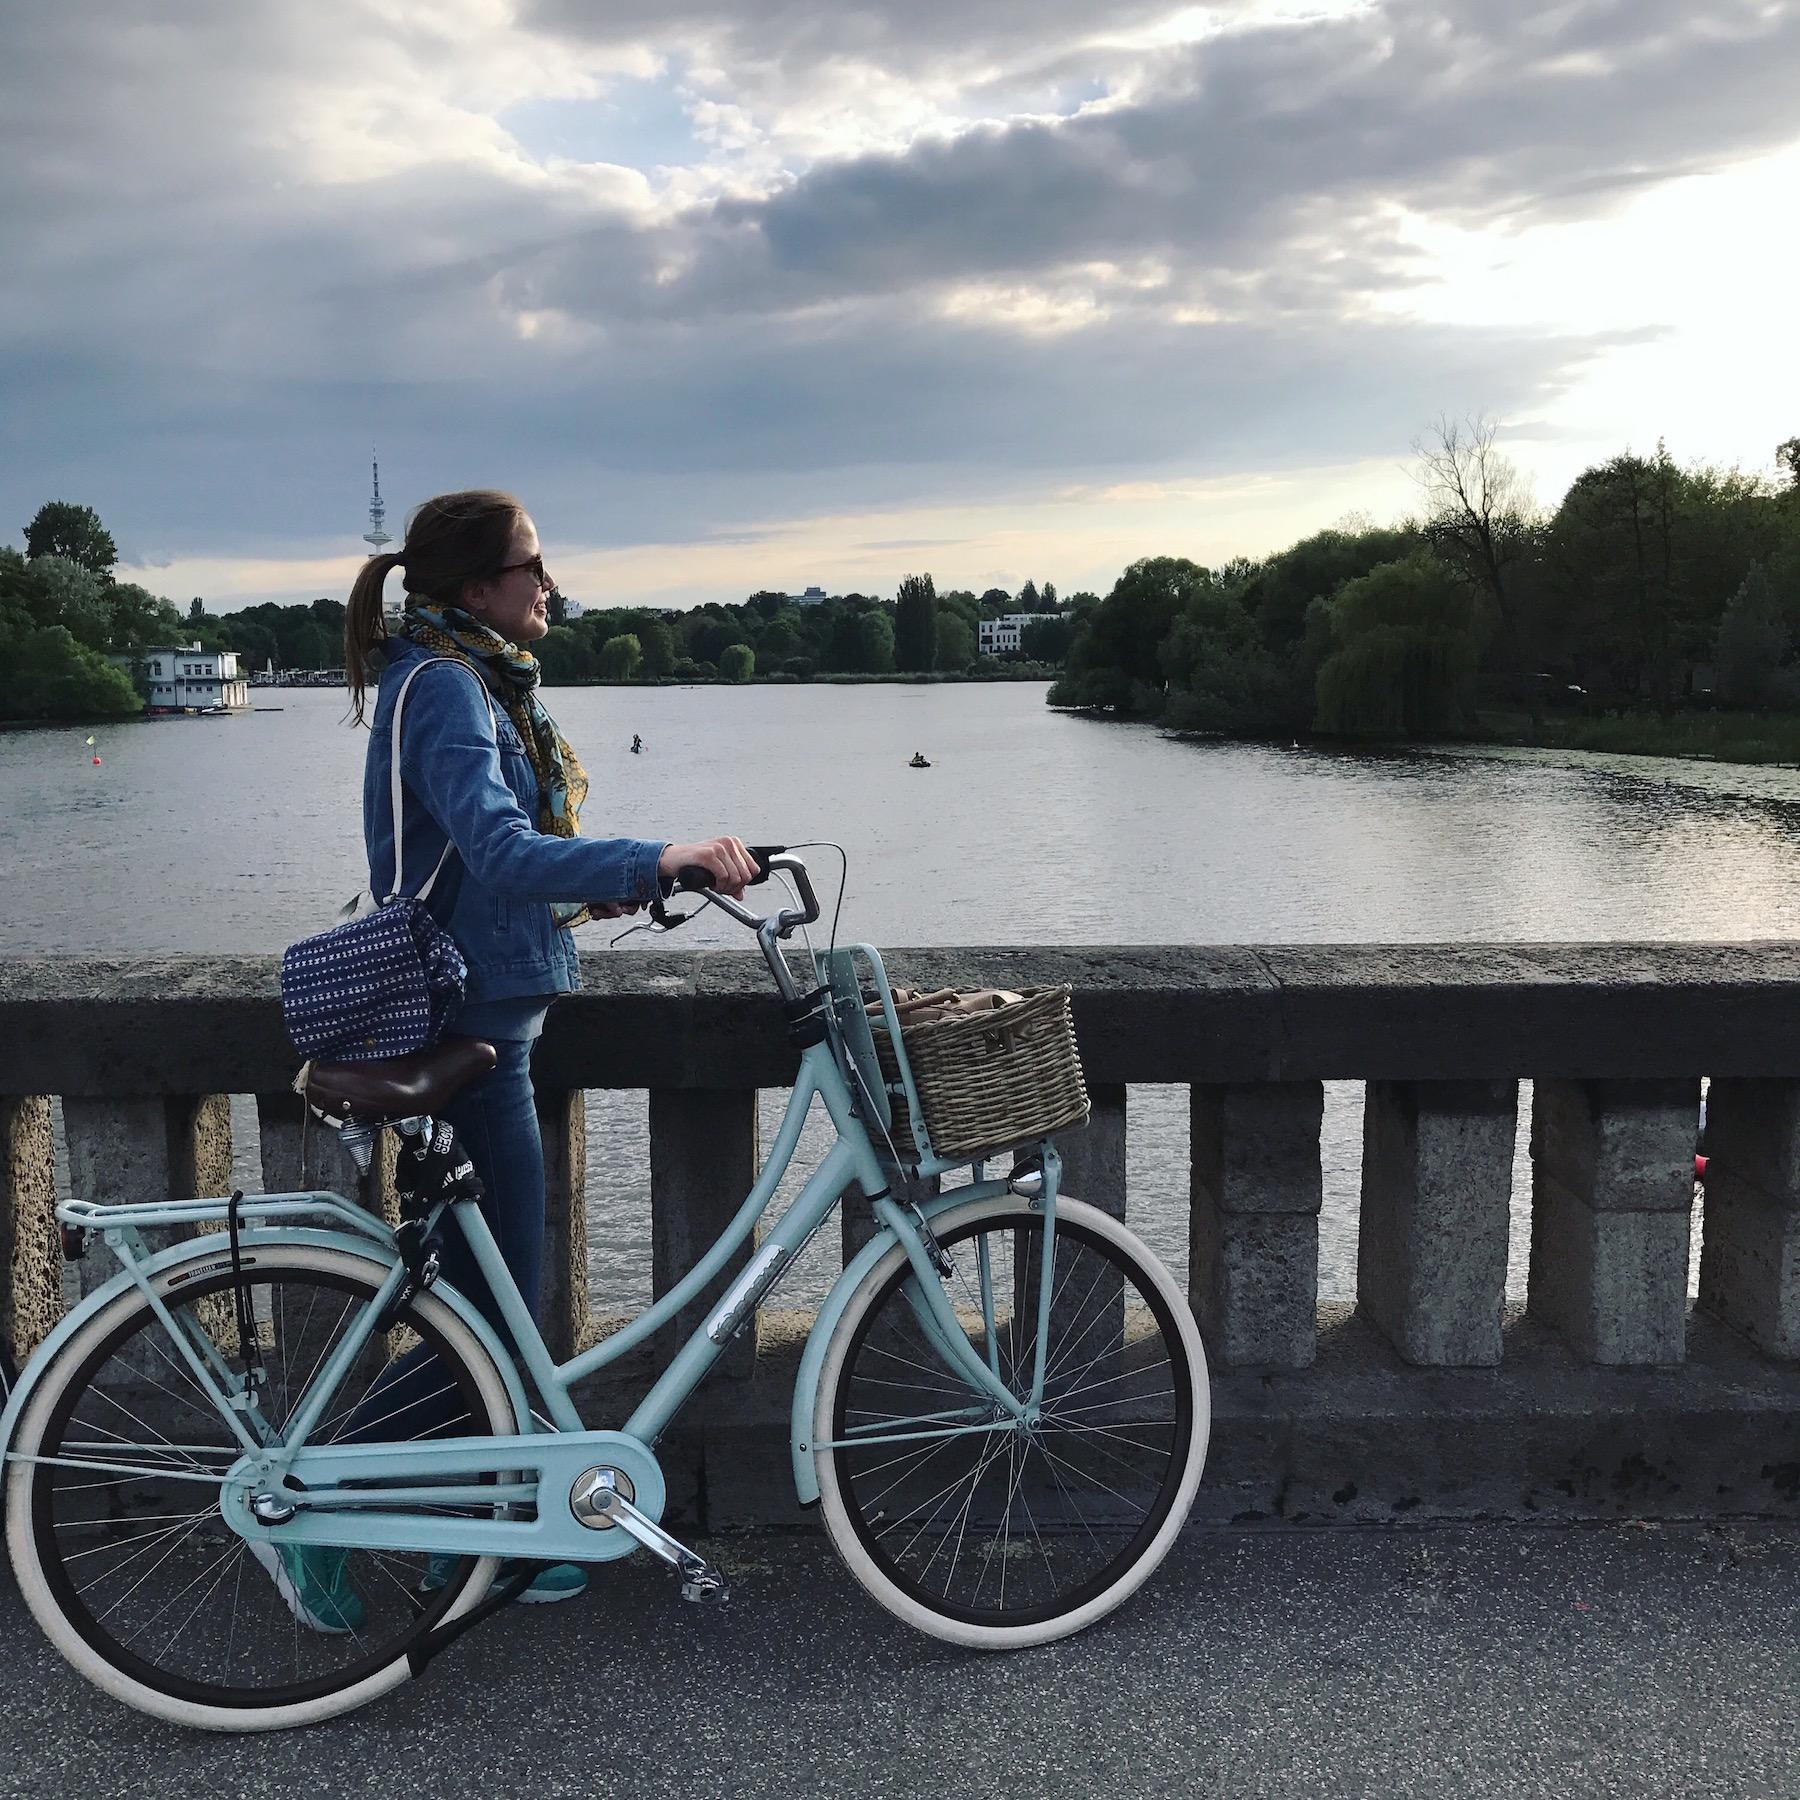 fahrradfahren in hamburg suelovesnyc_susan_fengler_Fahrradfahren_in_hamburg_blog